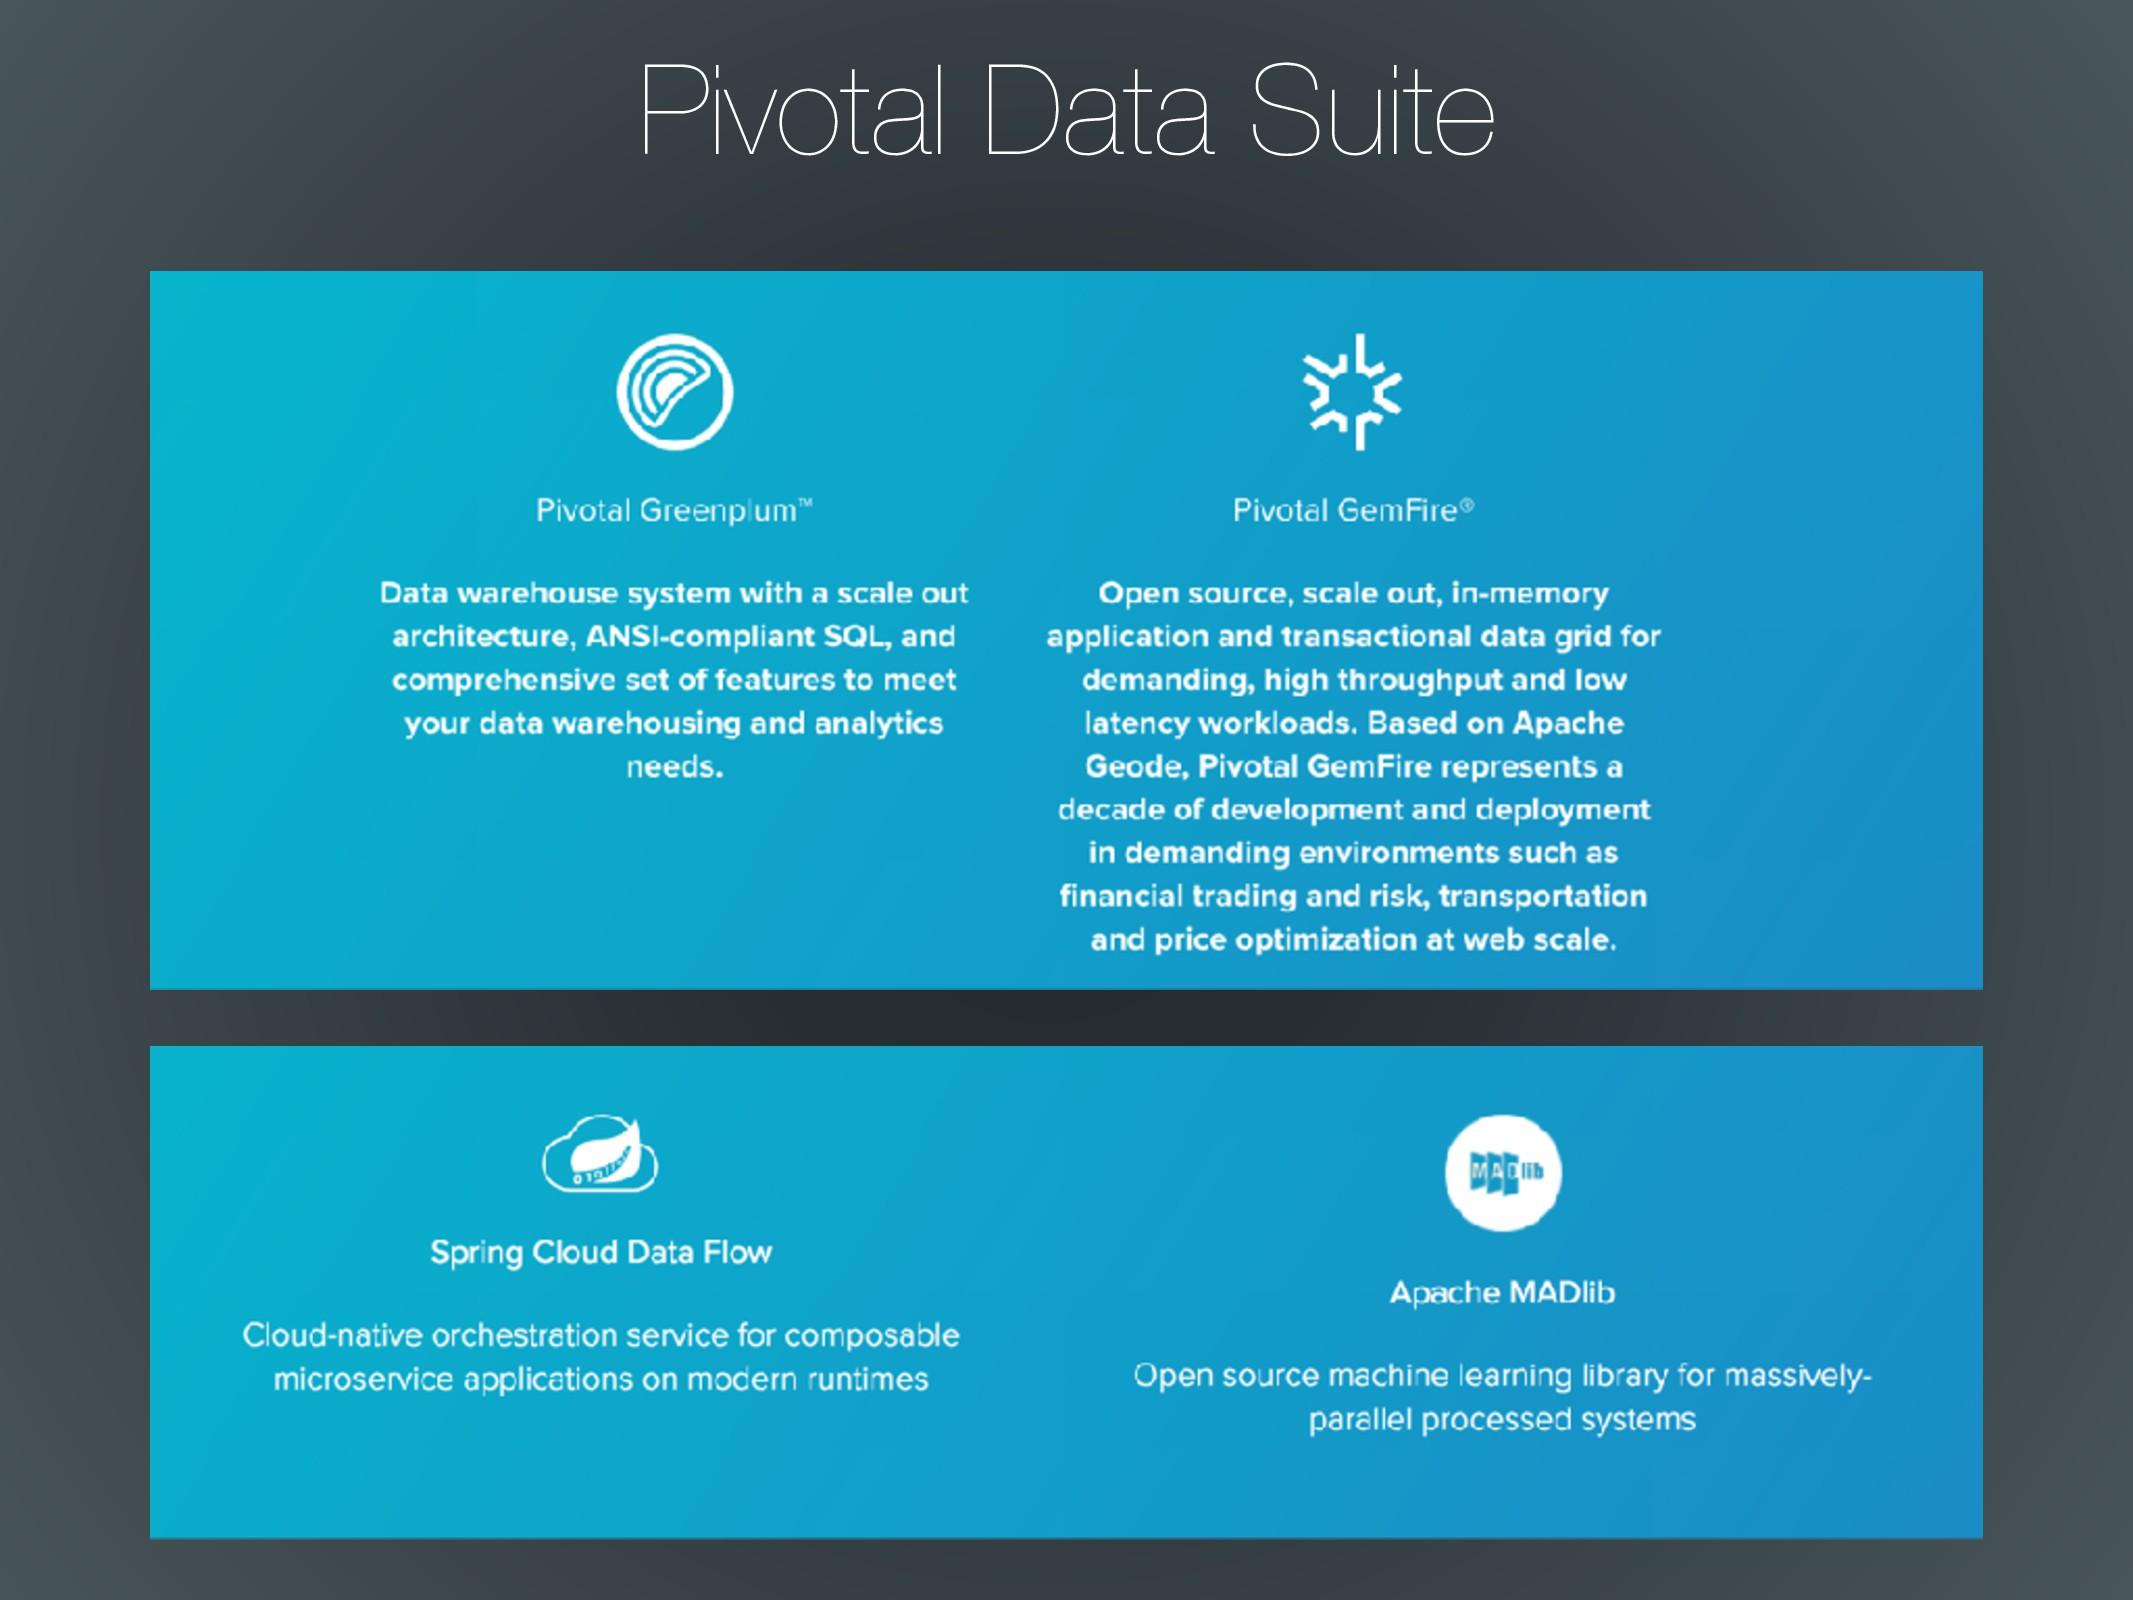 Pivotal Data Suite